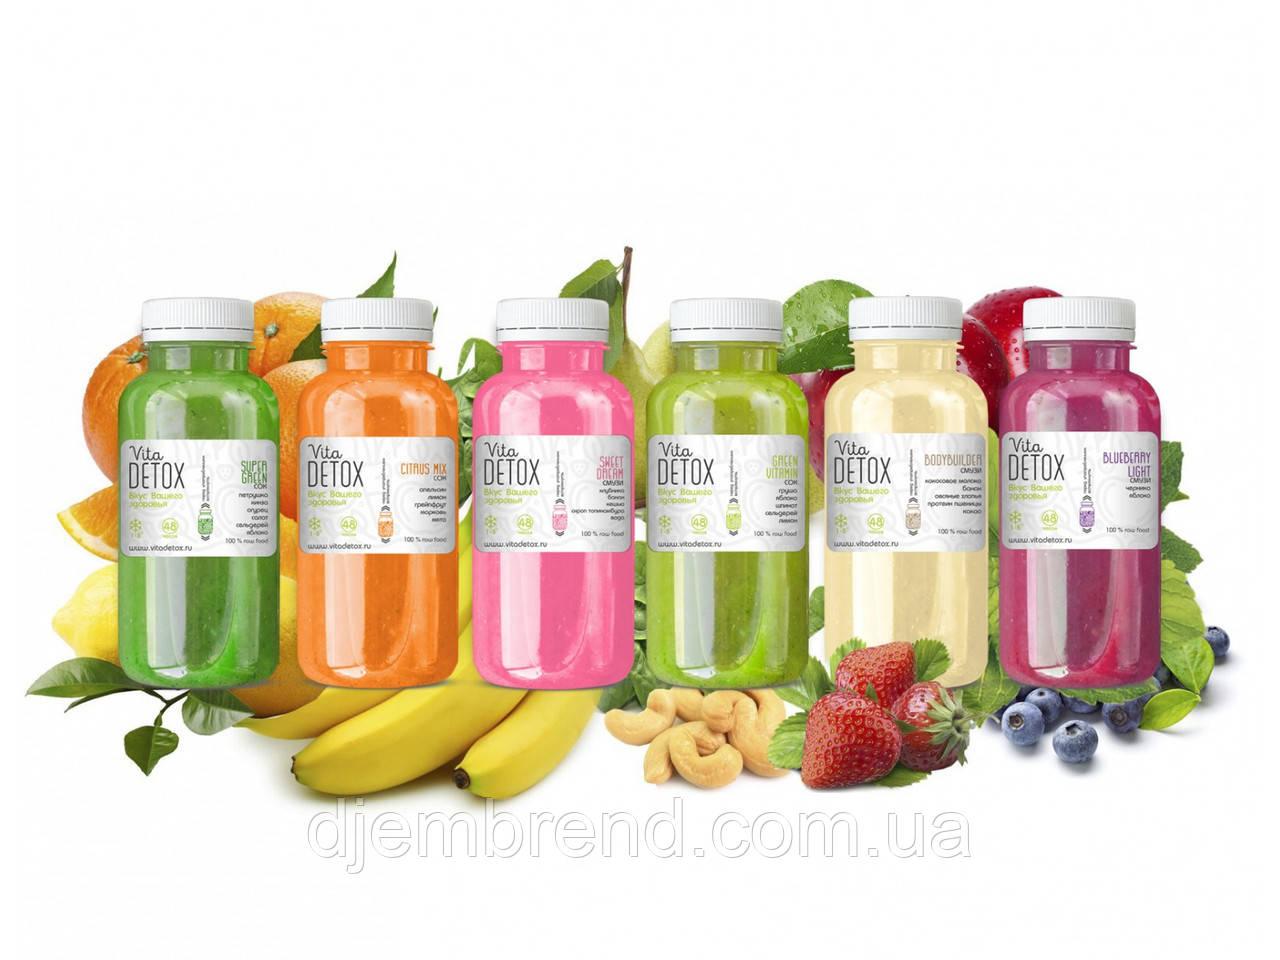 Бутылка пластиковая 250 мл - 0,25 л. с широким горлом + крышка Оптовые цены в розницу!